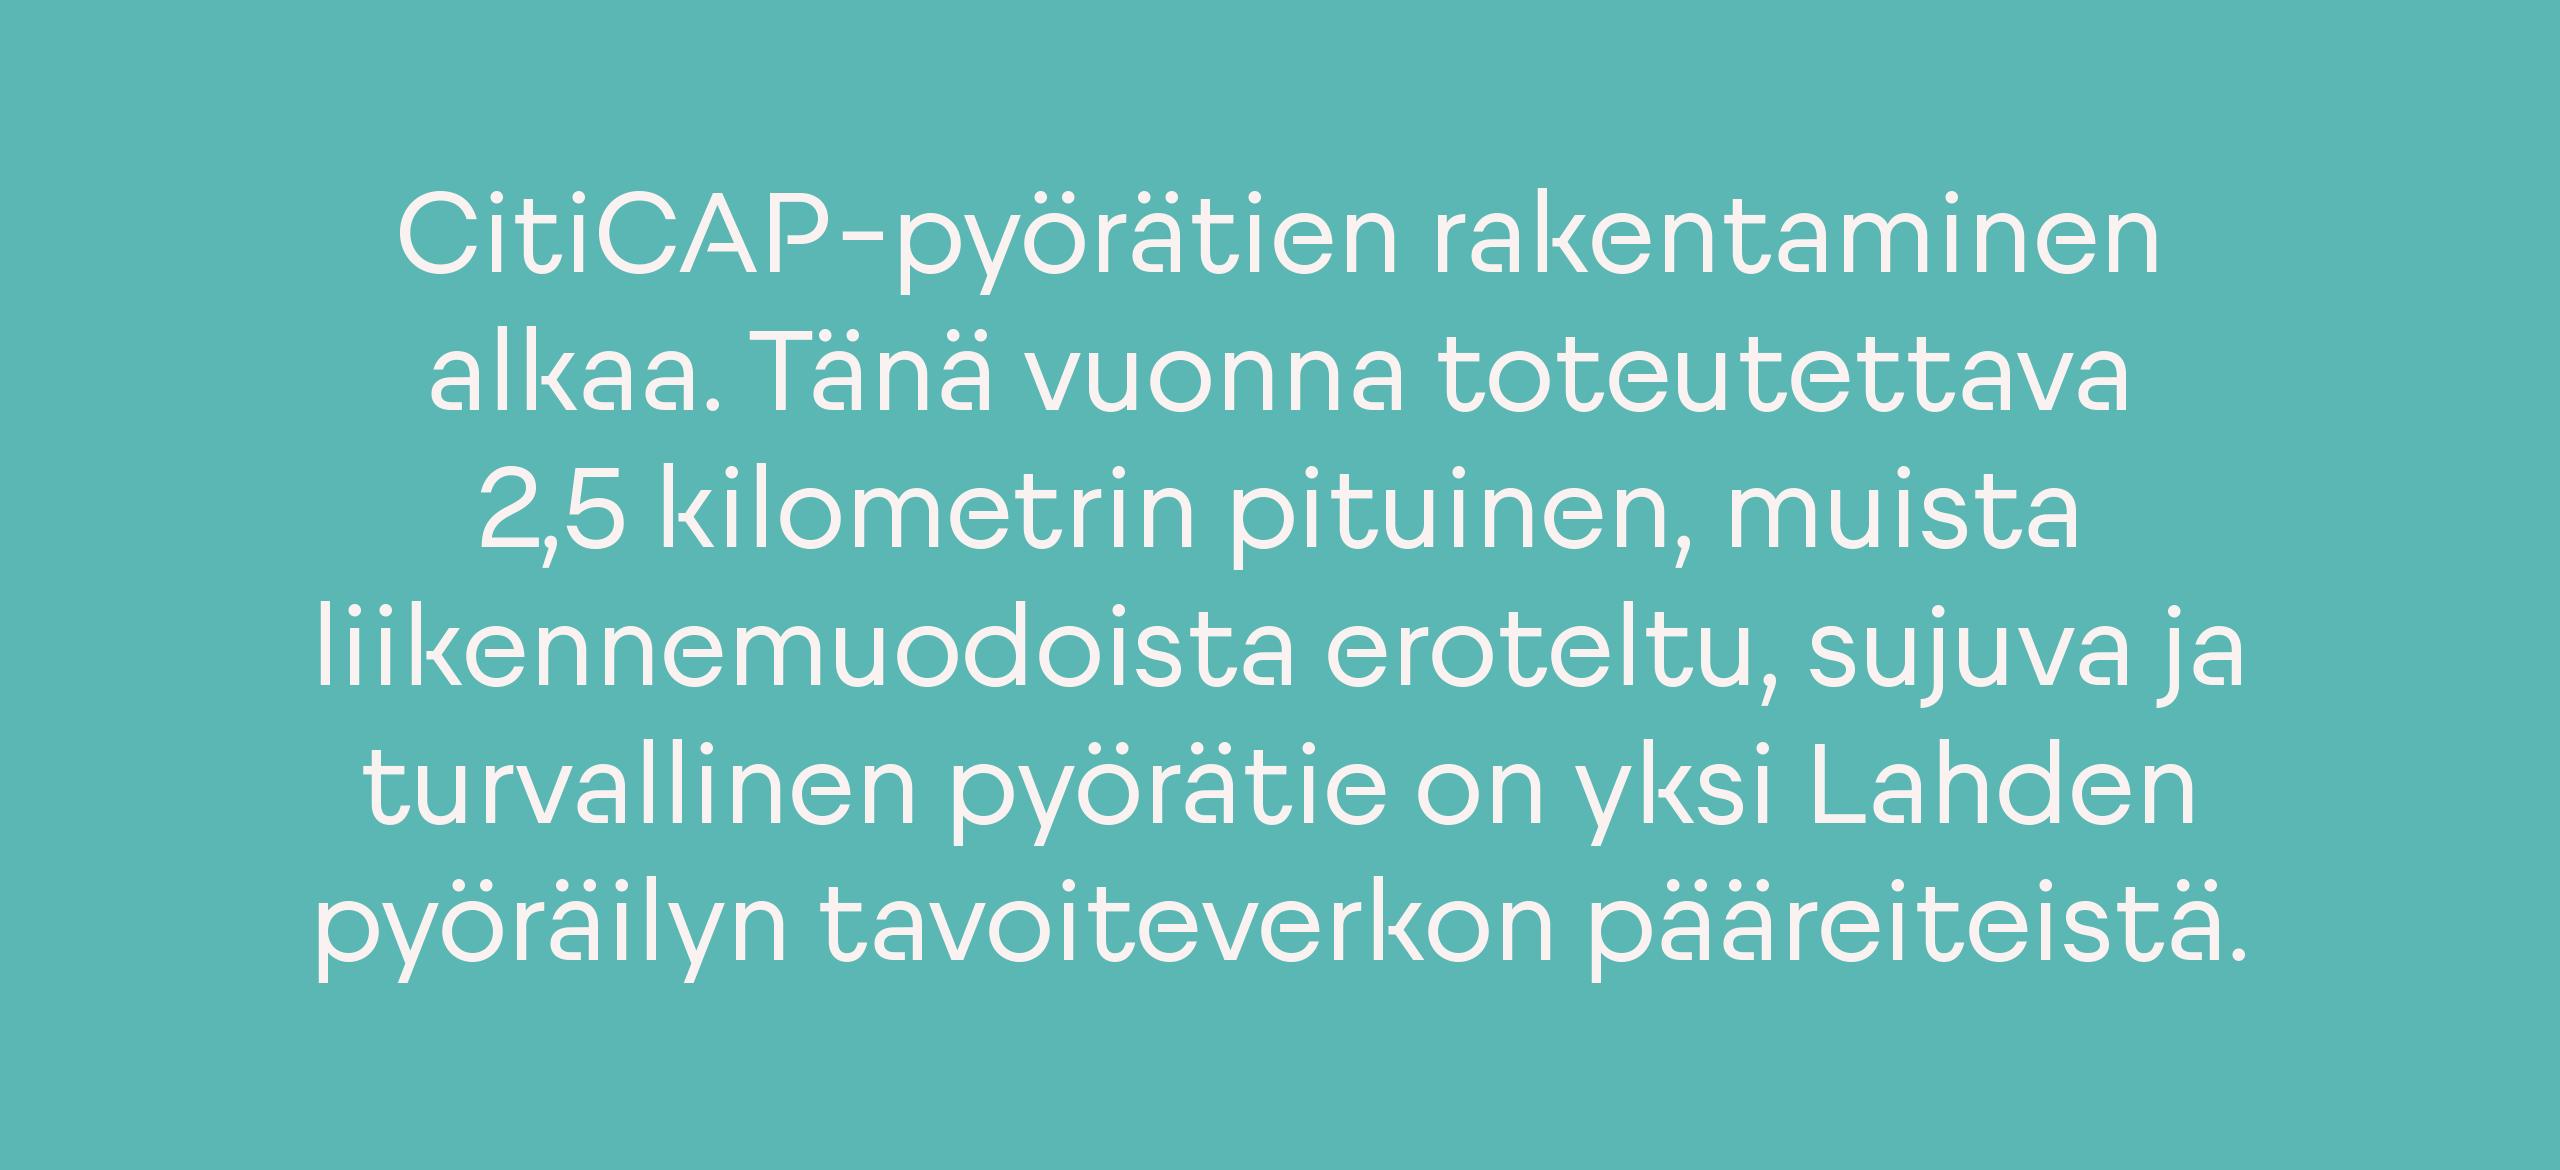 LahtiSans-2-1